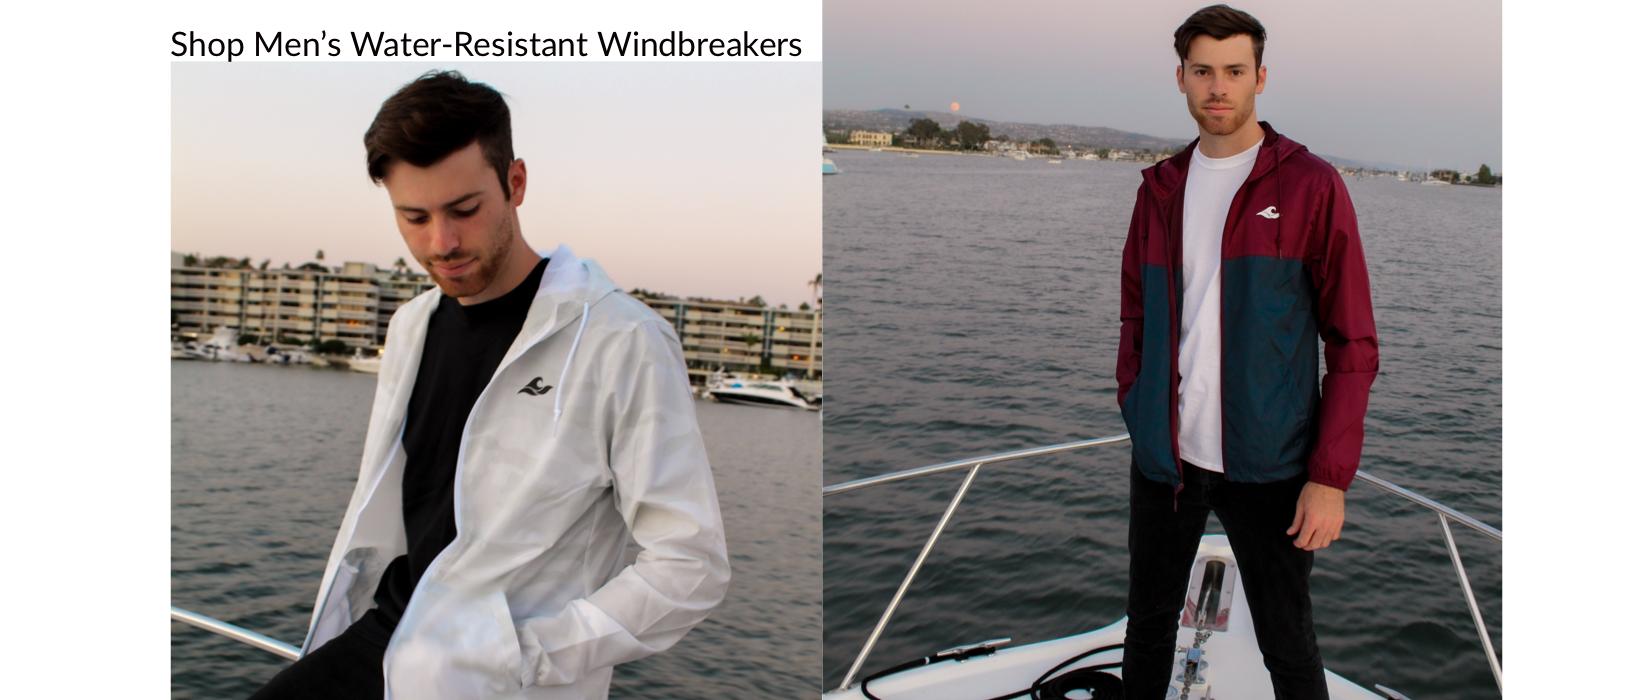 Shop Men's Water-Resistant Windbreakers